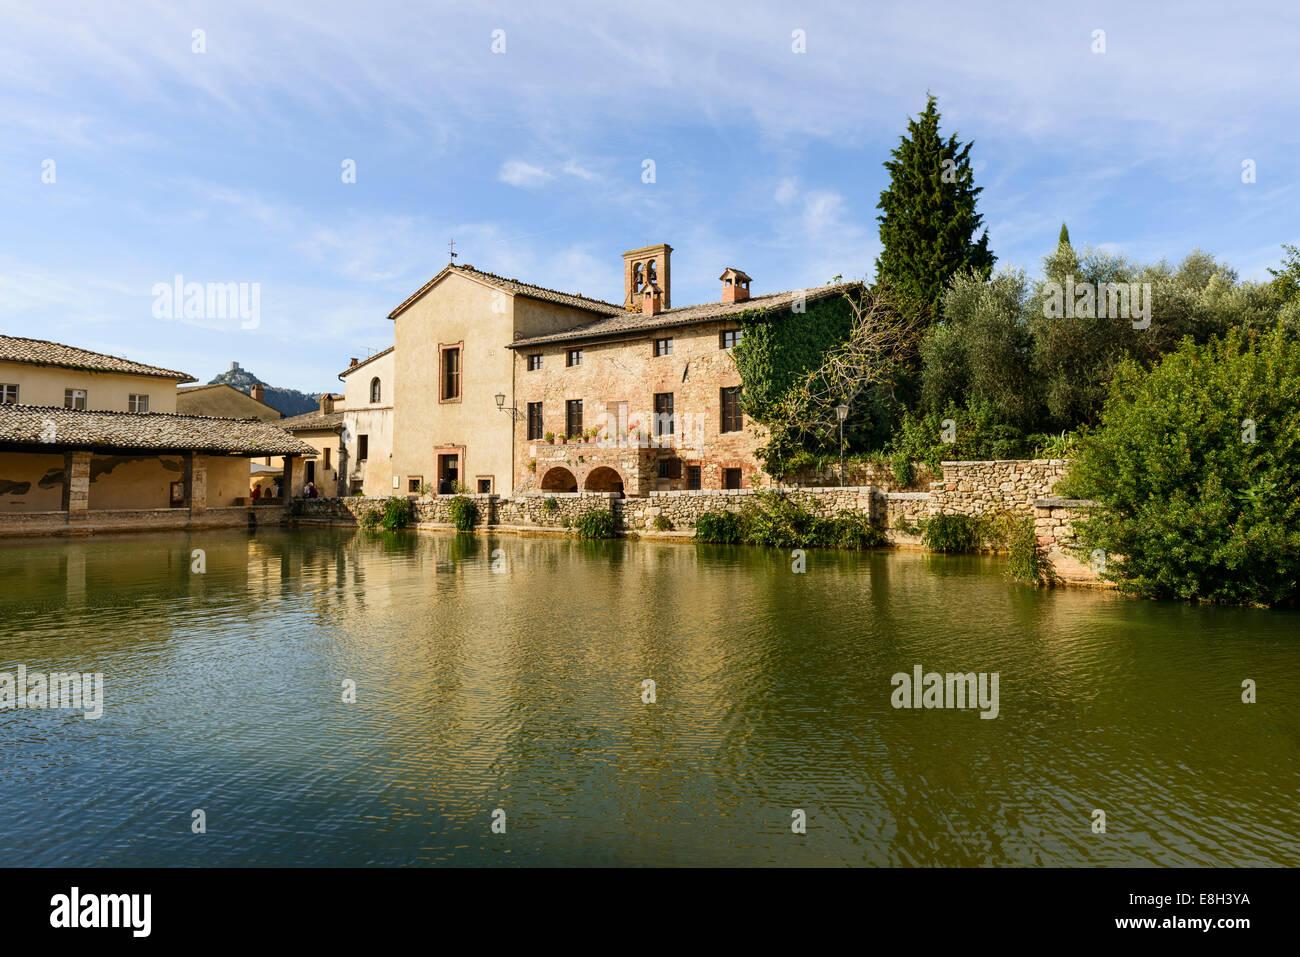 Bagno vignoni piazza delle sorgente la piscina termale e la chiesa